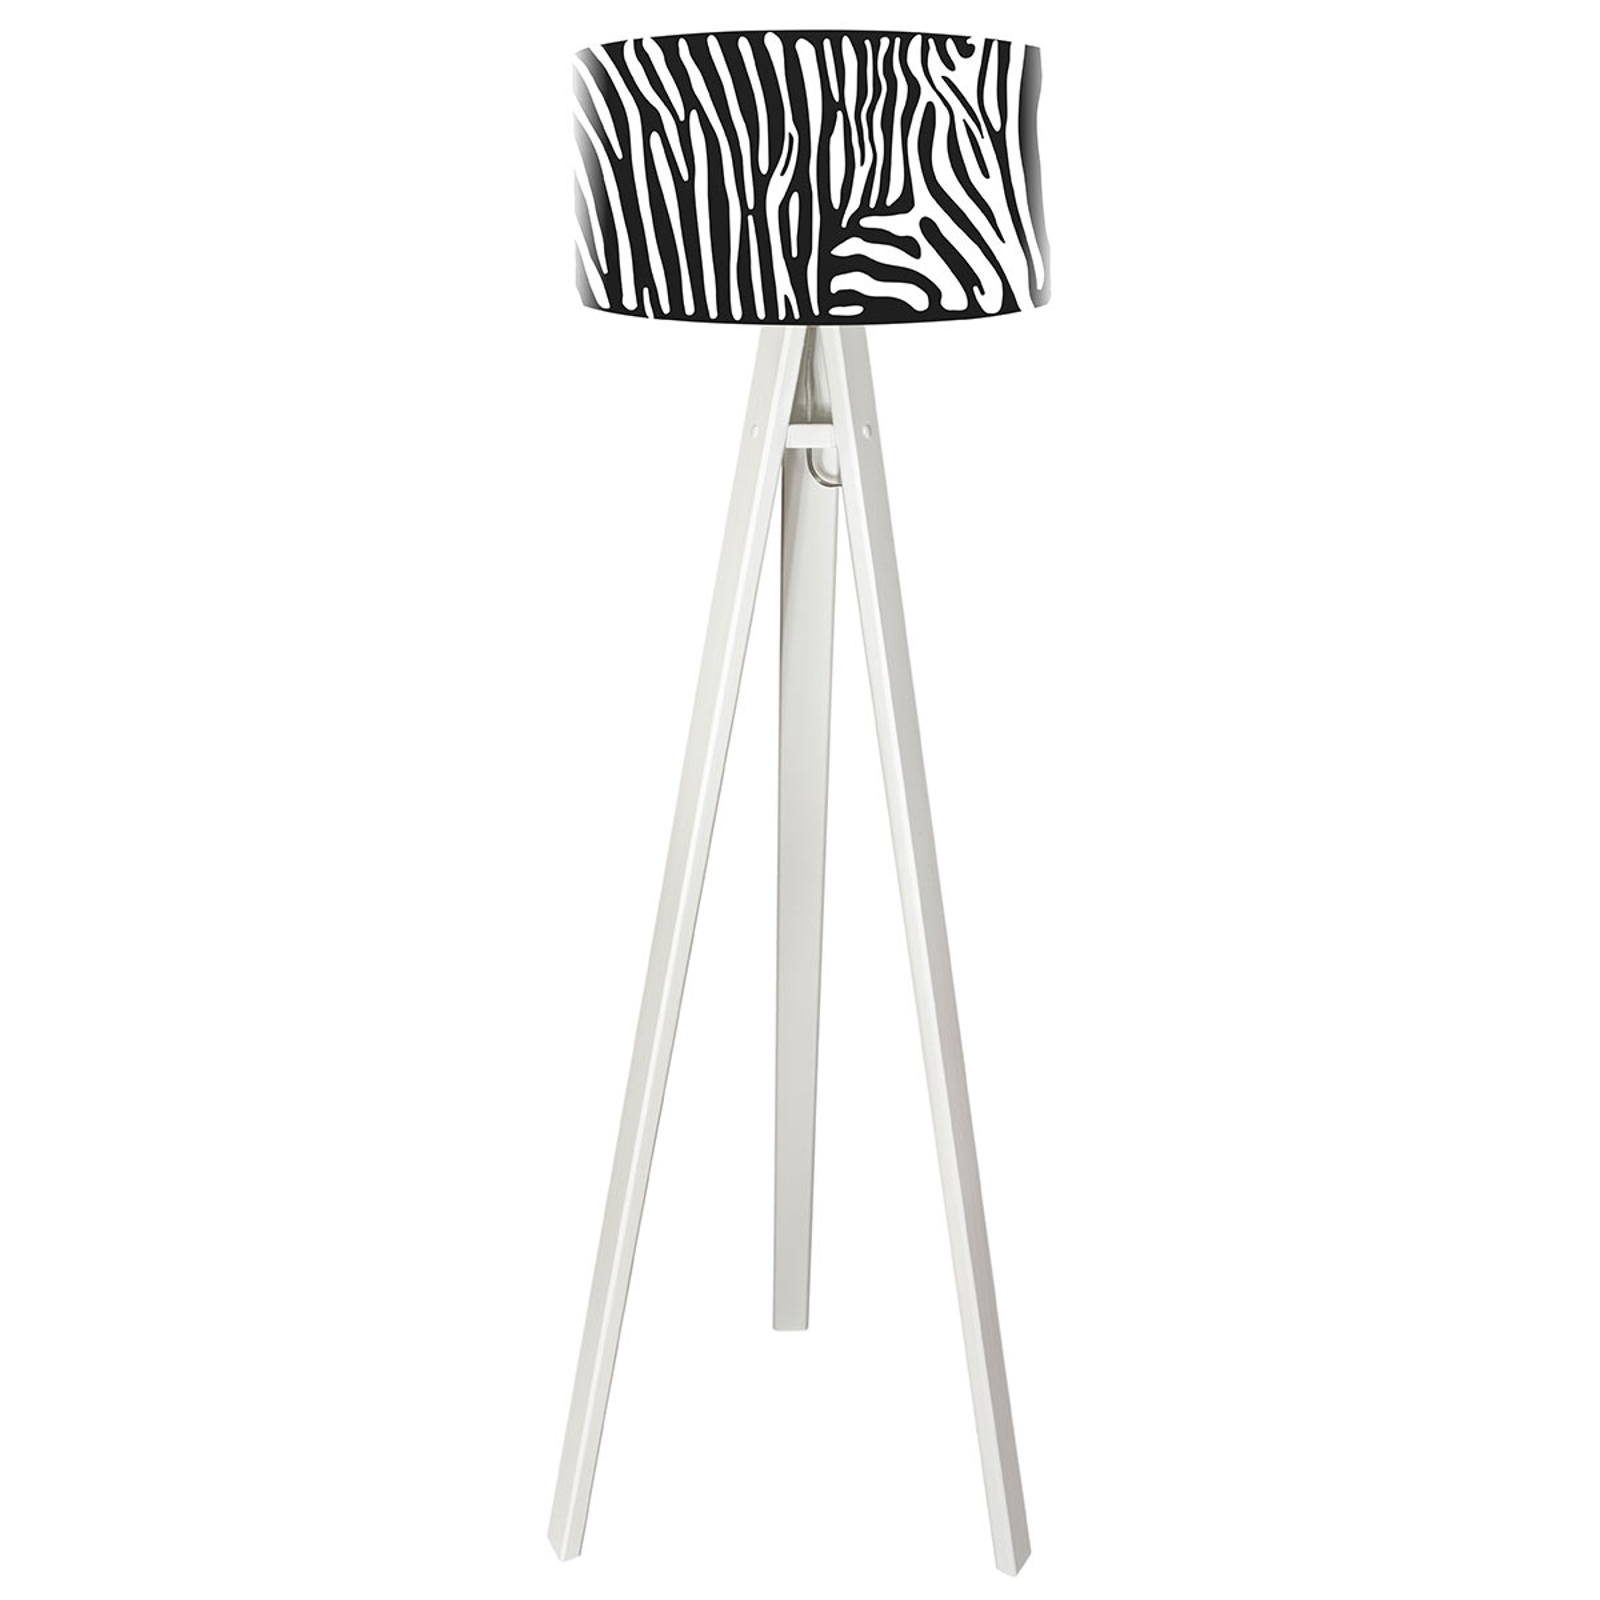 Stijlvolle vloerlamp Zola met zebraprint